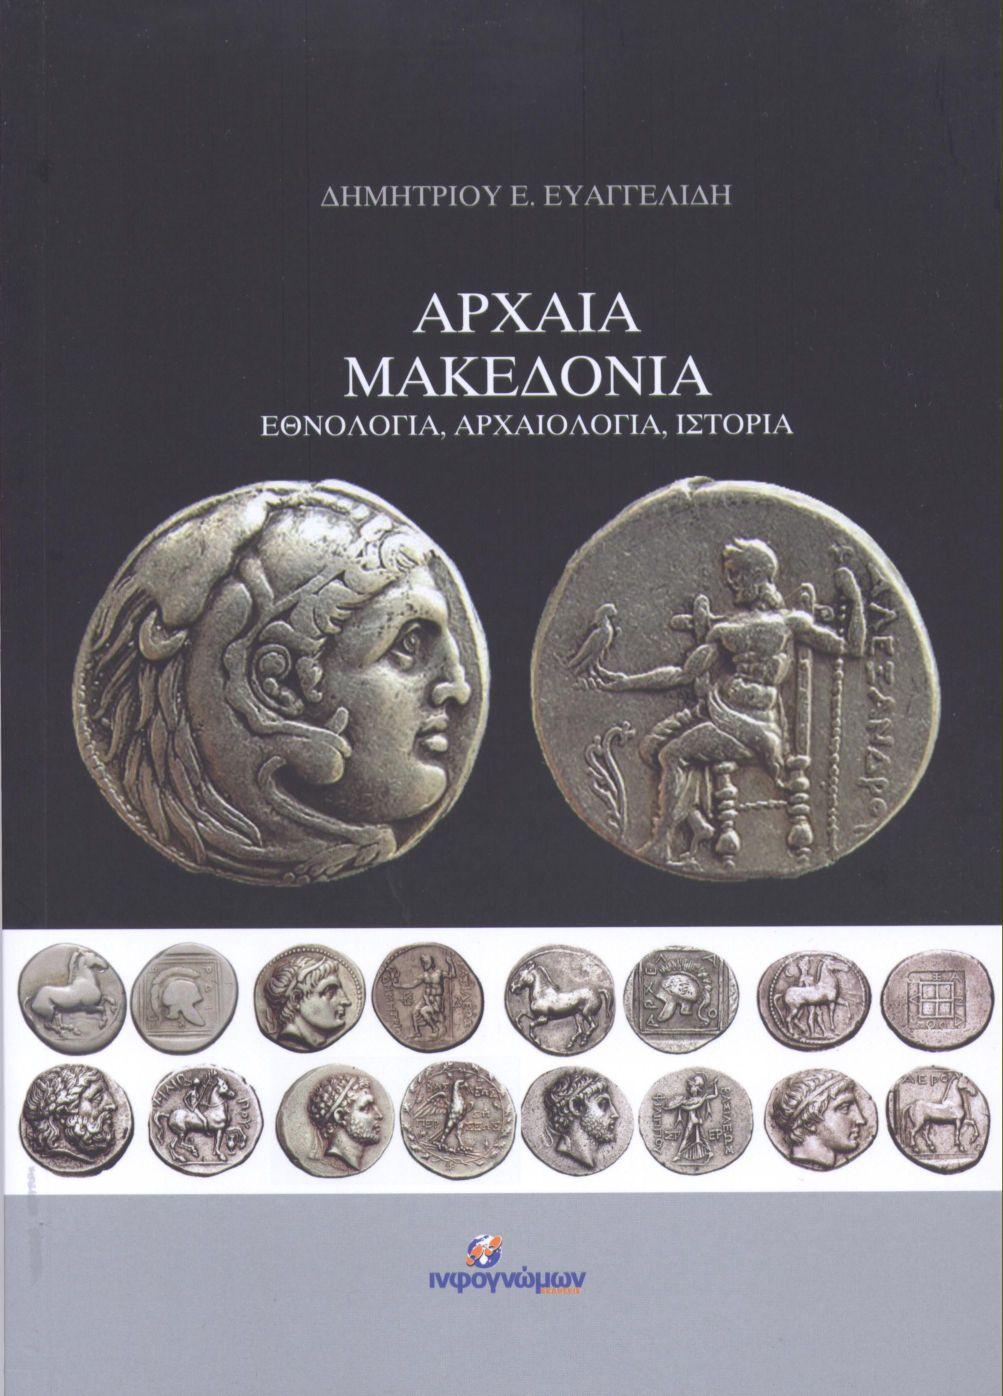 Δείτε σε Βίντεο την Παρουσίαση βιβλίου του Δημήτρη Ε. Ευαγγελίδη – Αρχαία Μακεδονία